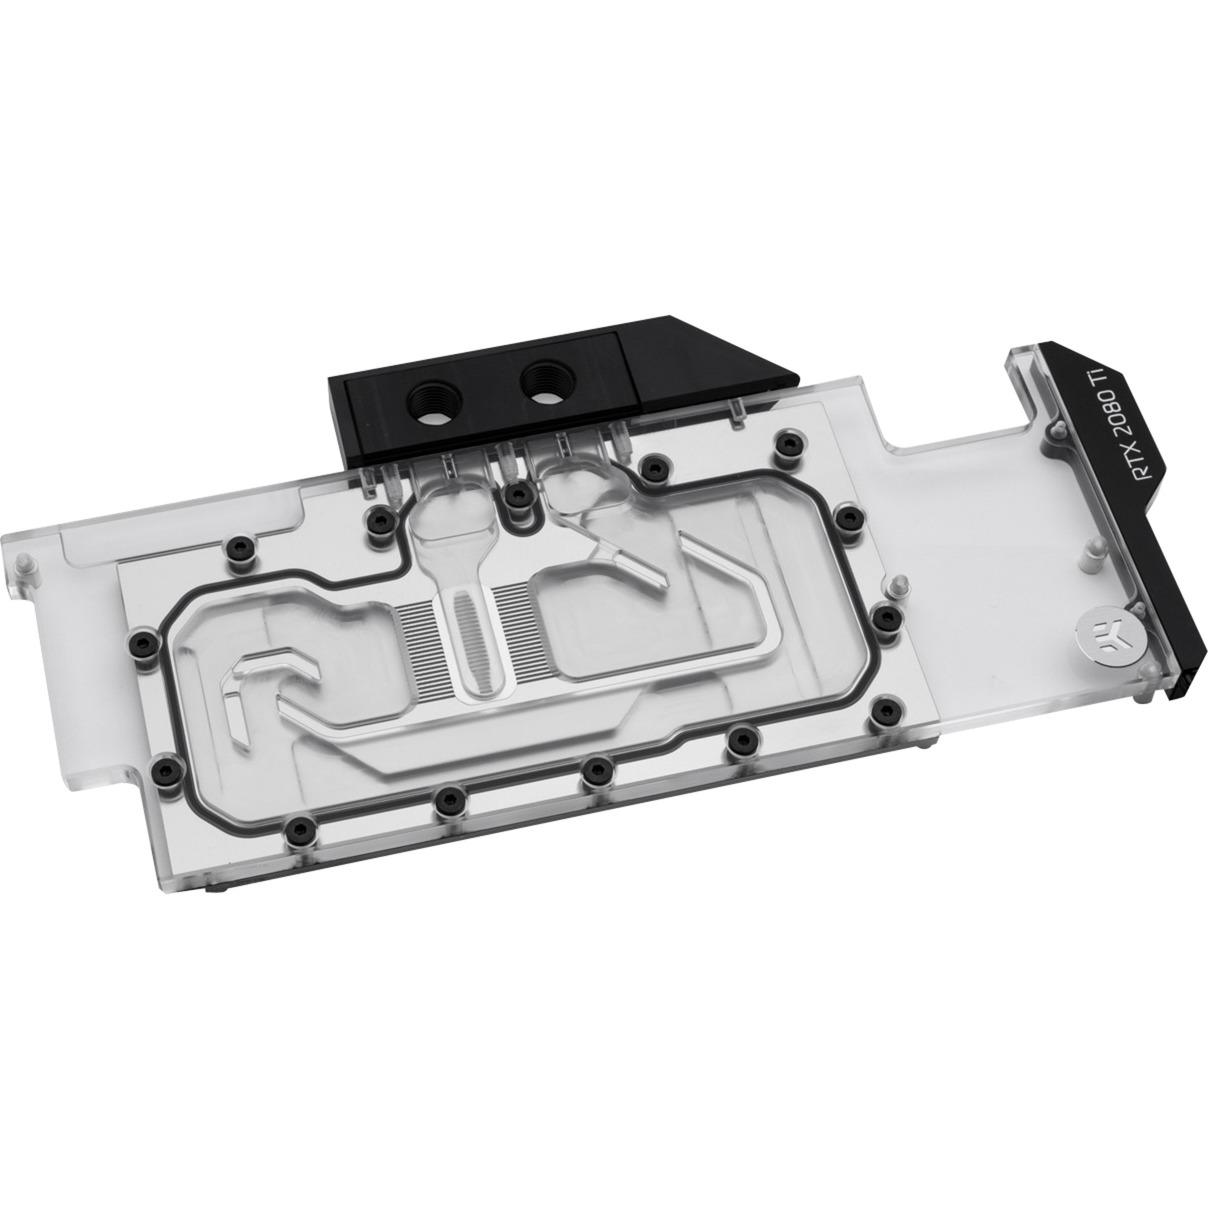 3831109815861 hardware accesorio de refrigeración Negro, Transparente, Refrigeración por agua